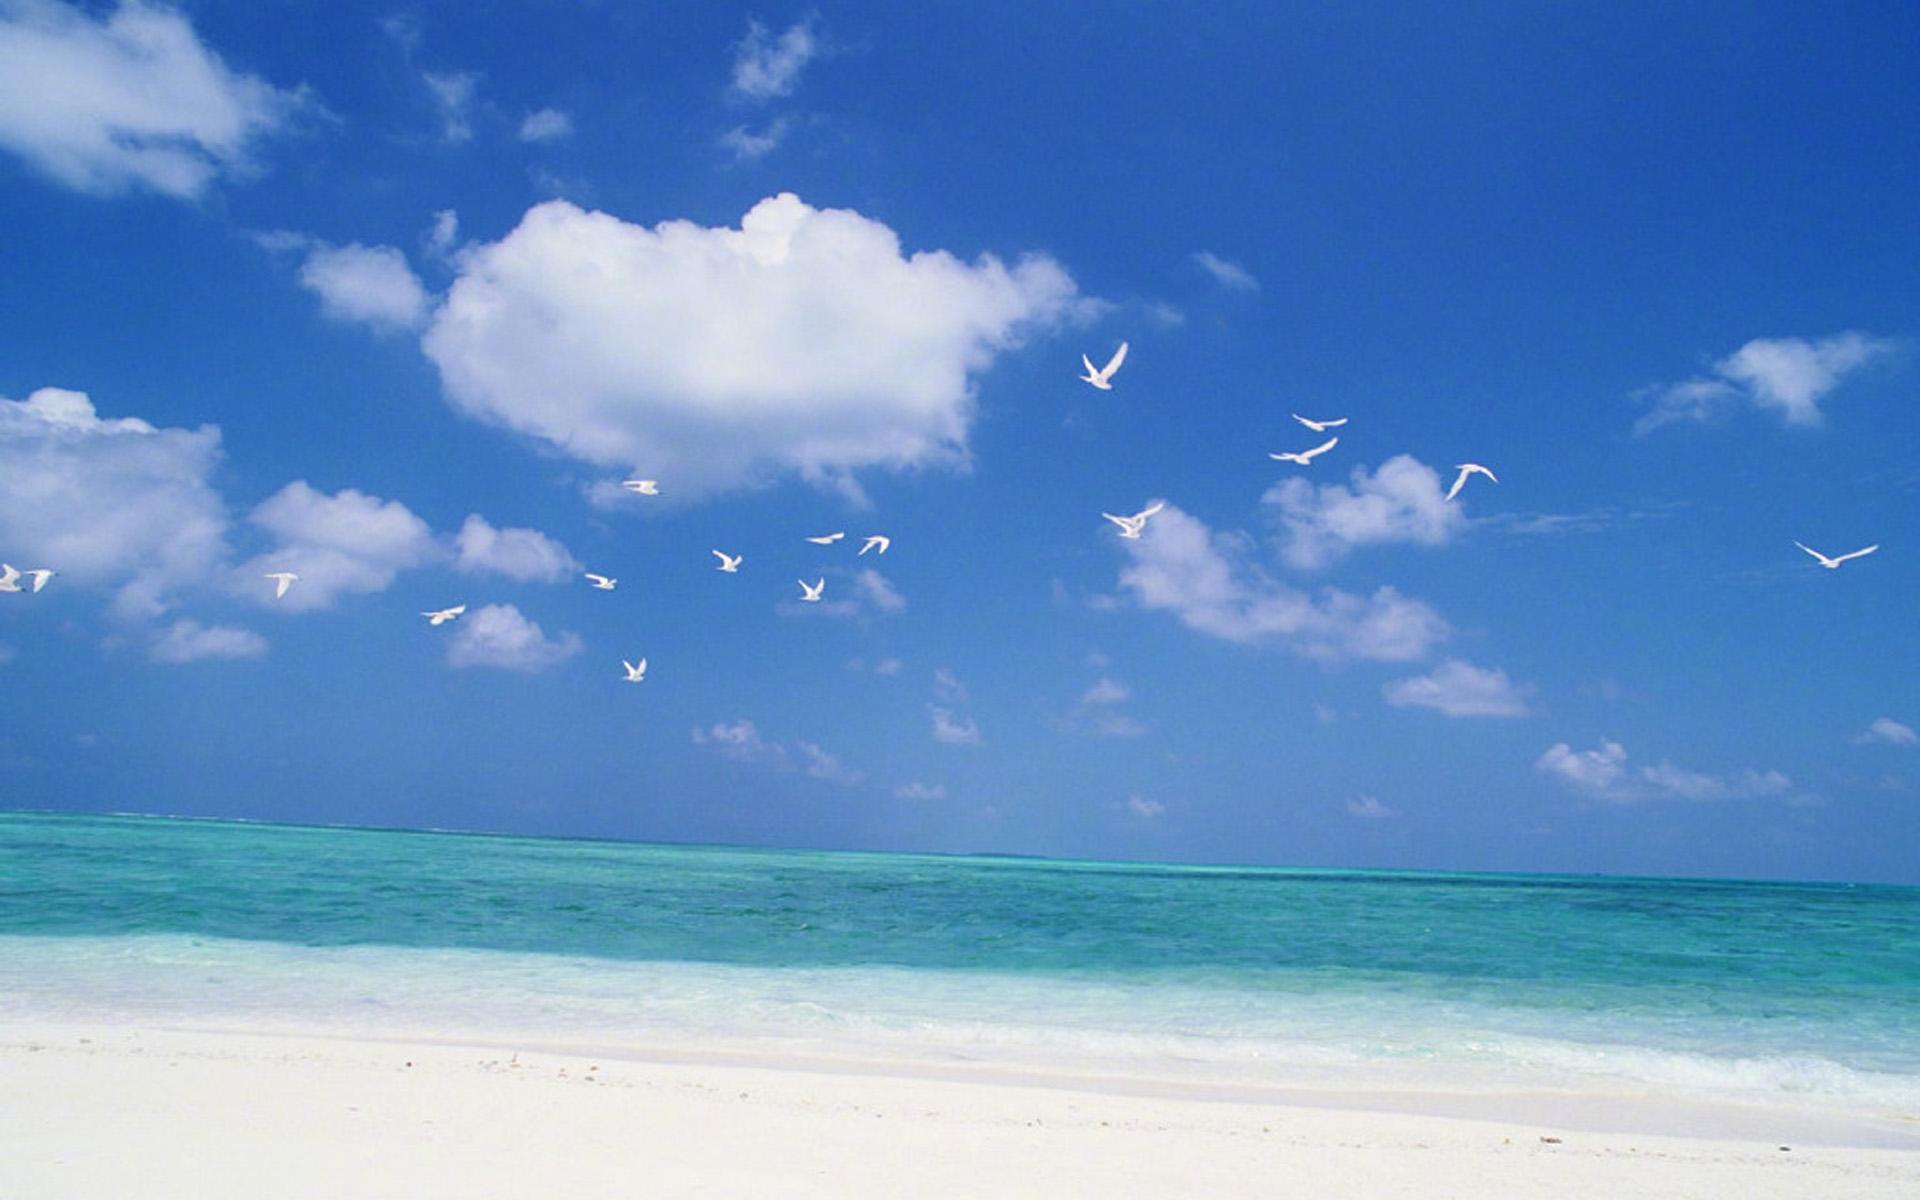 蓝色大海唯美风光图片桌面壁纸